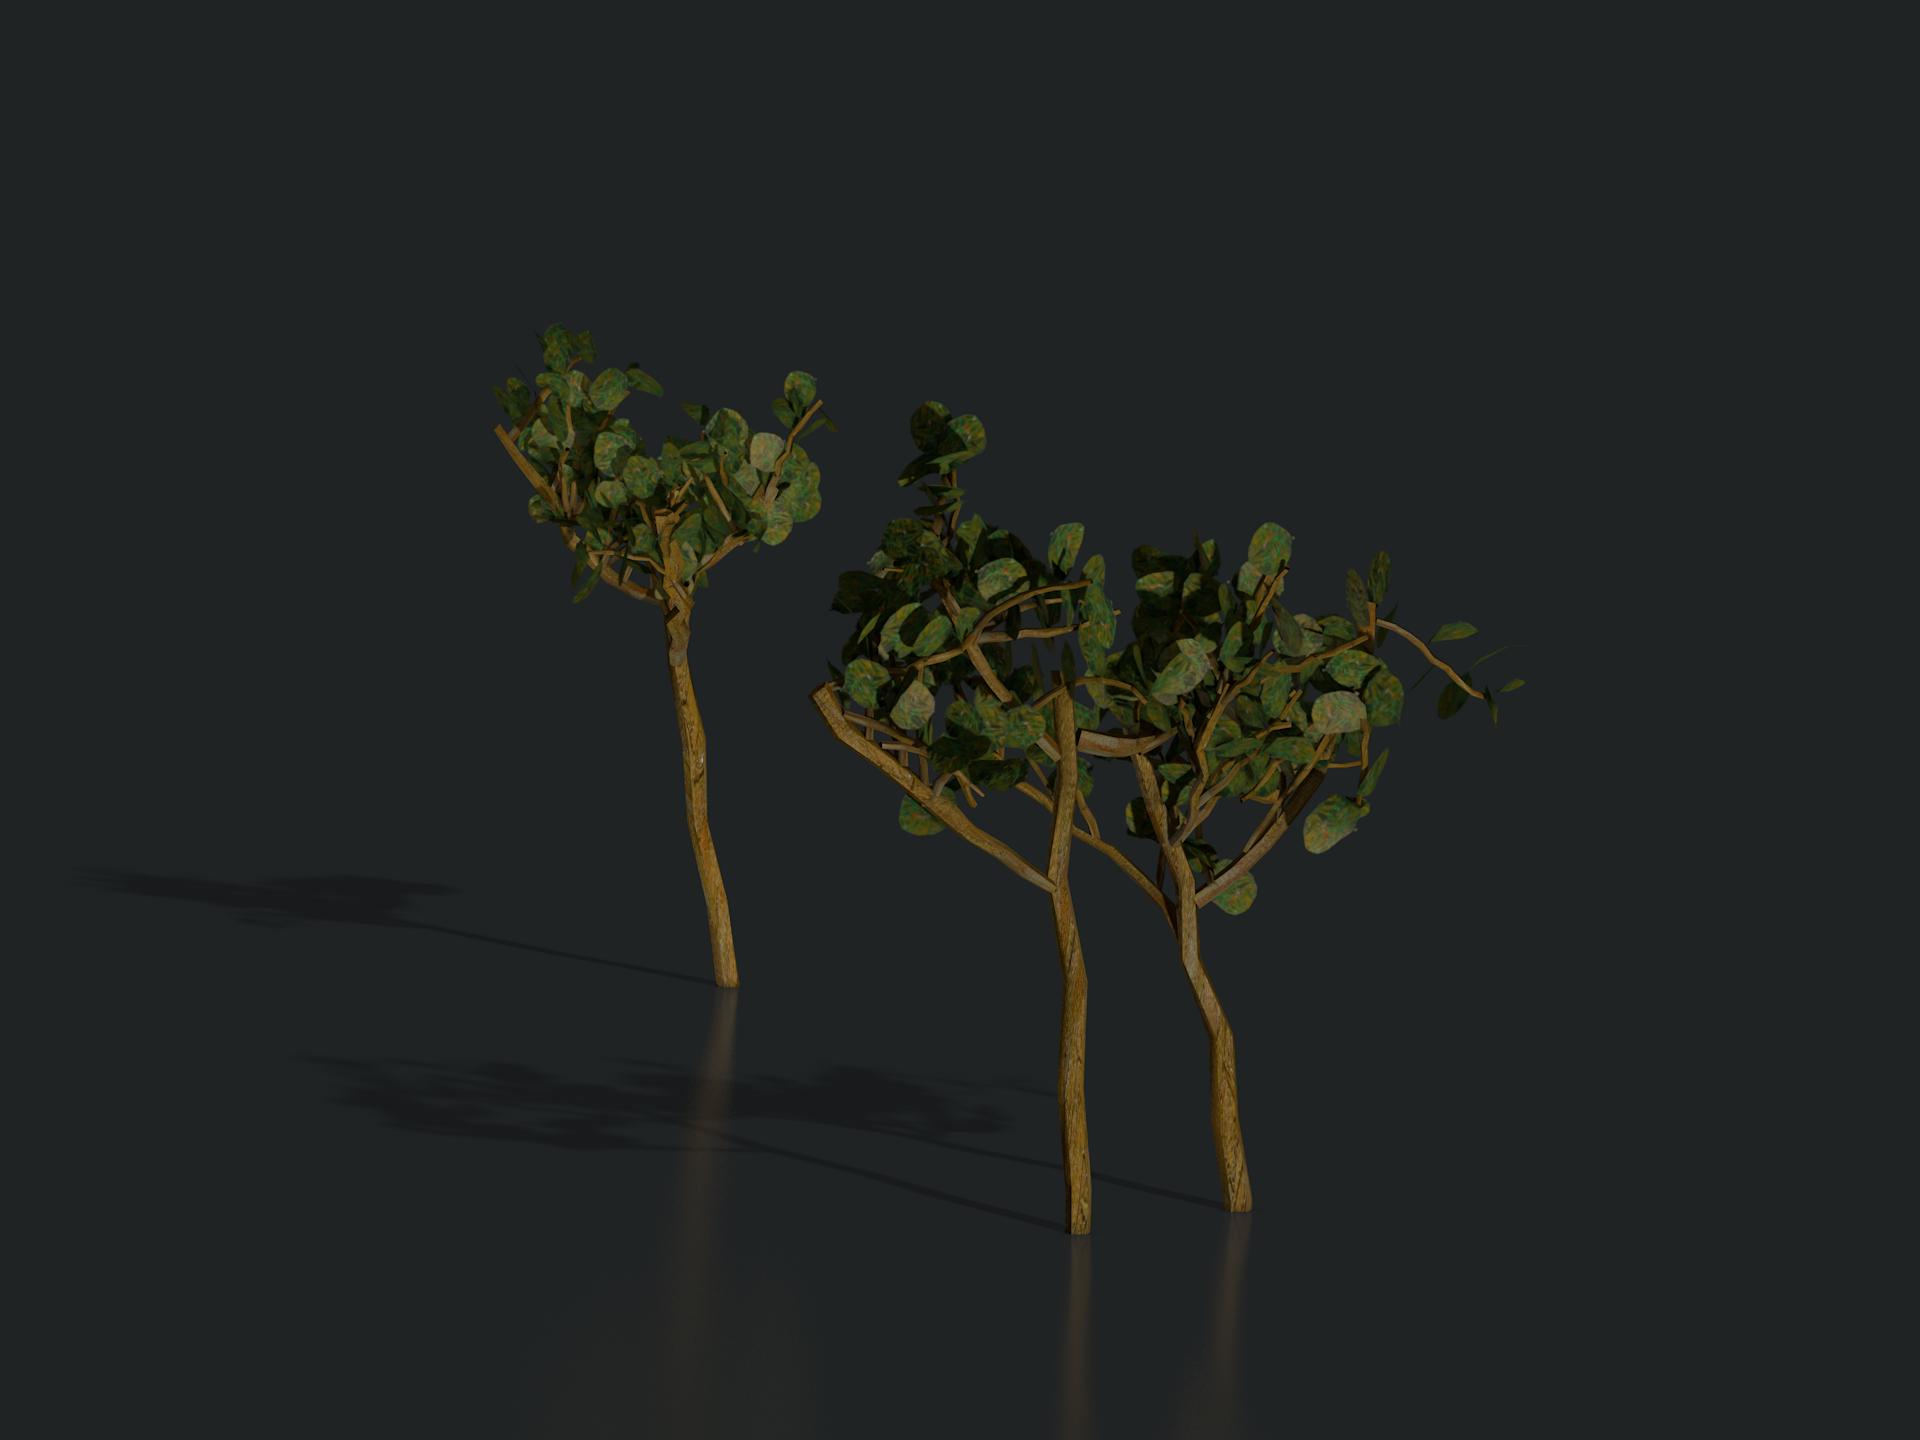 plants_arles_01_1302.png